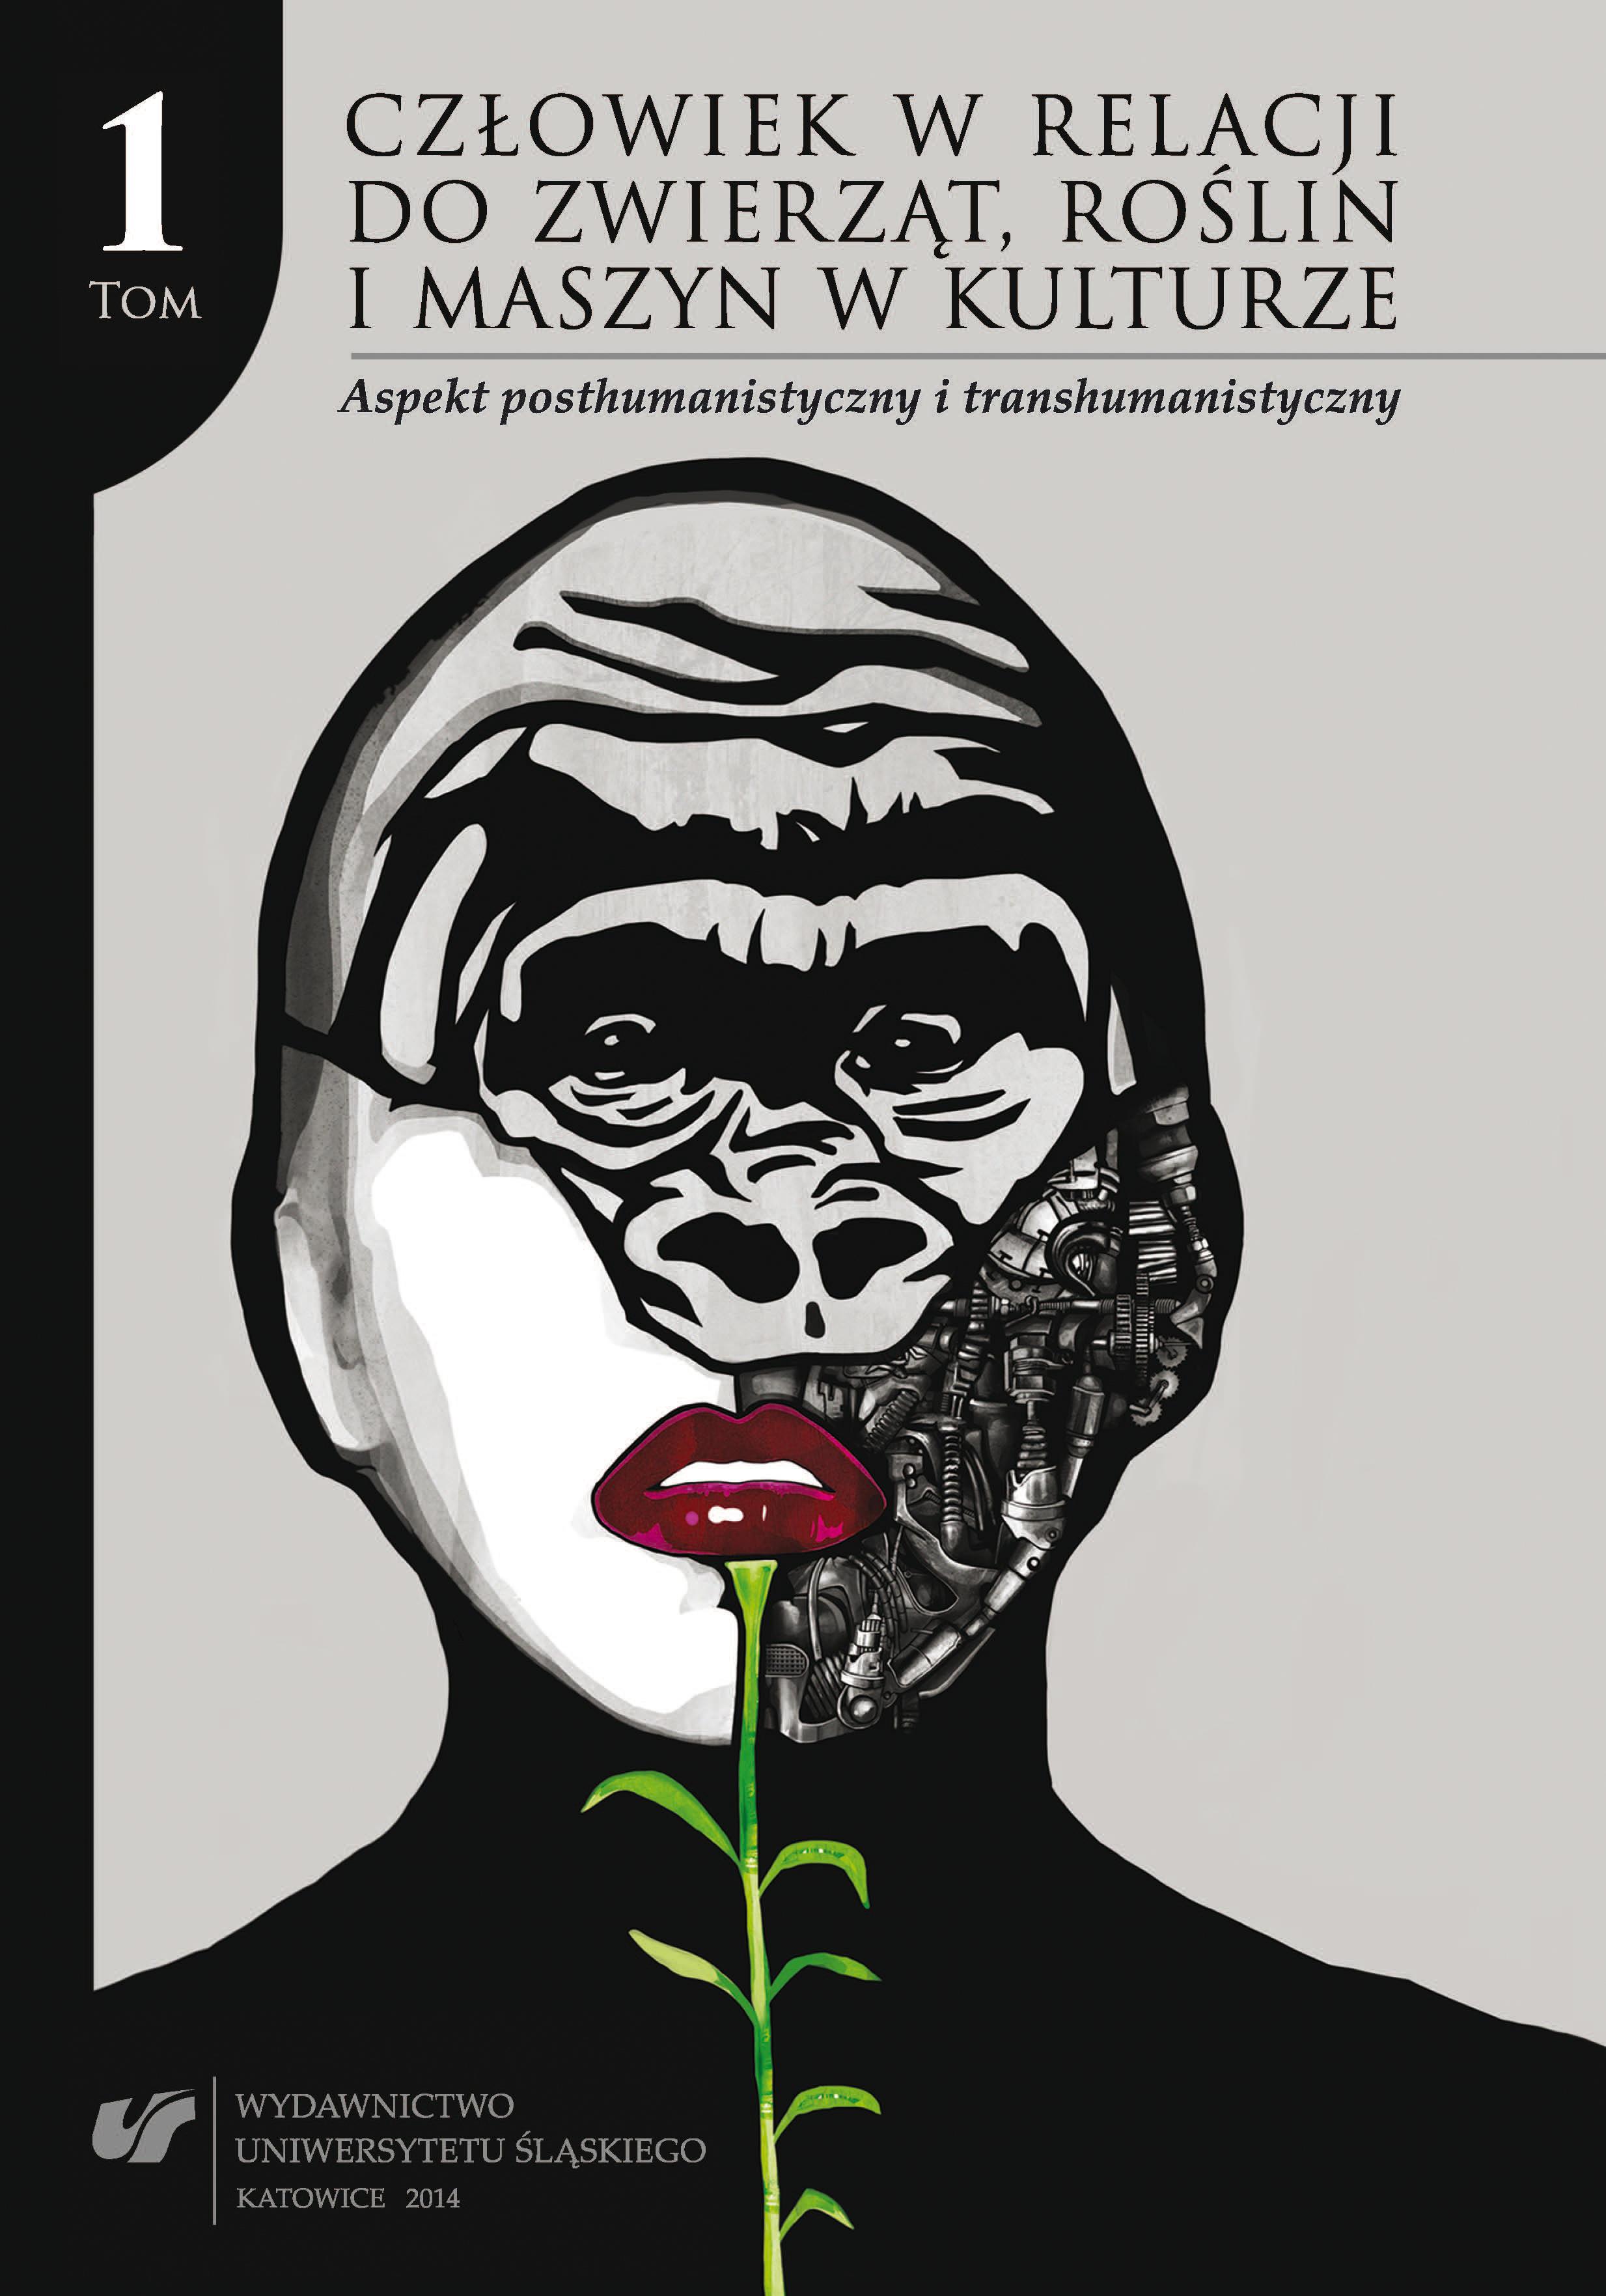 Człowiek w relacji do zwierząt, roślin i maszyn w kulturze. Aspekt posthumanistyczny i transhumanistyczny. Tom 1 - AnimalStudies.pl